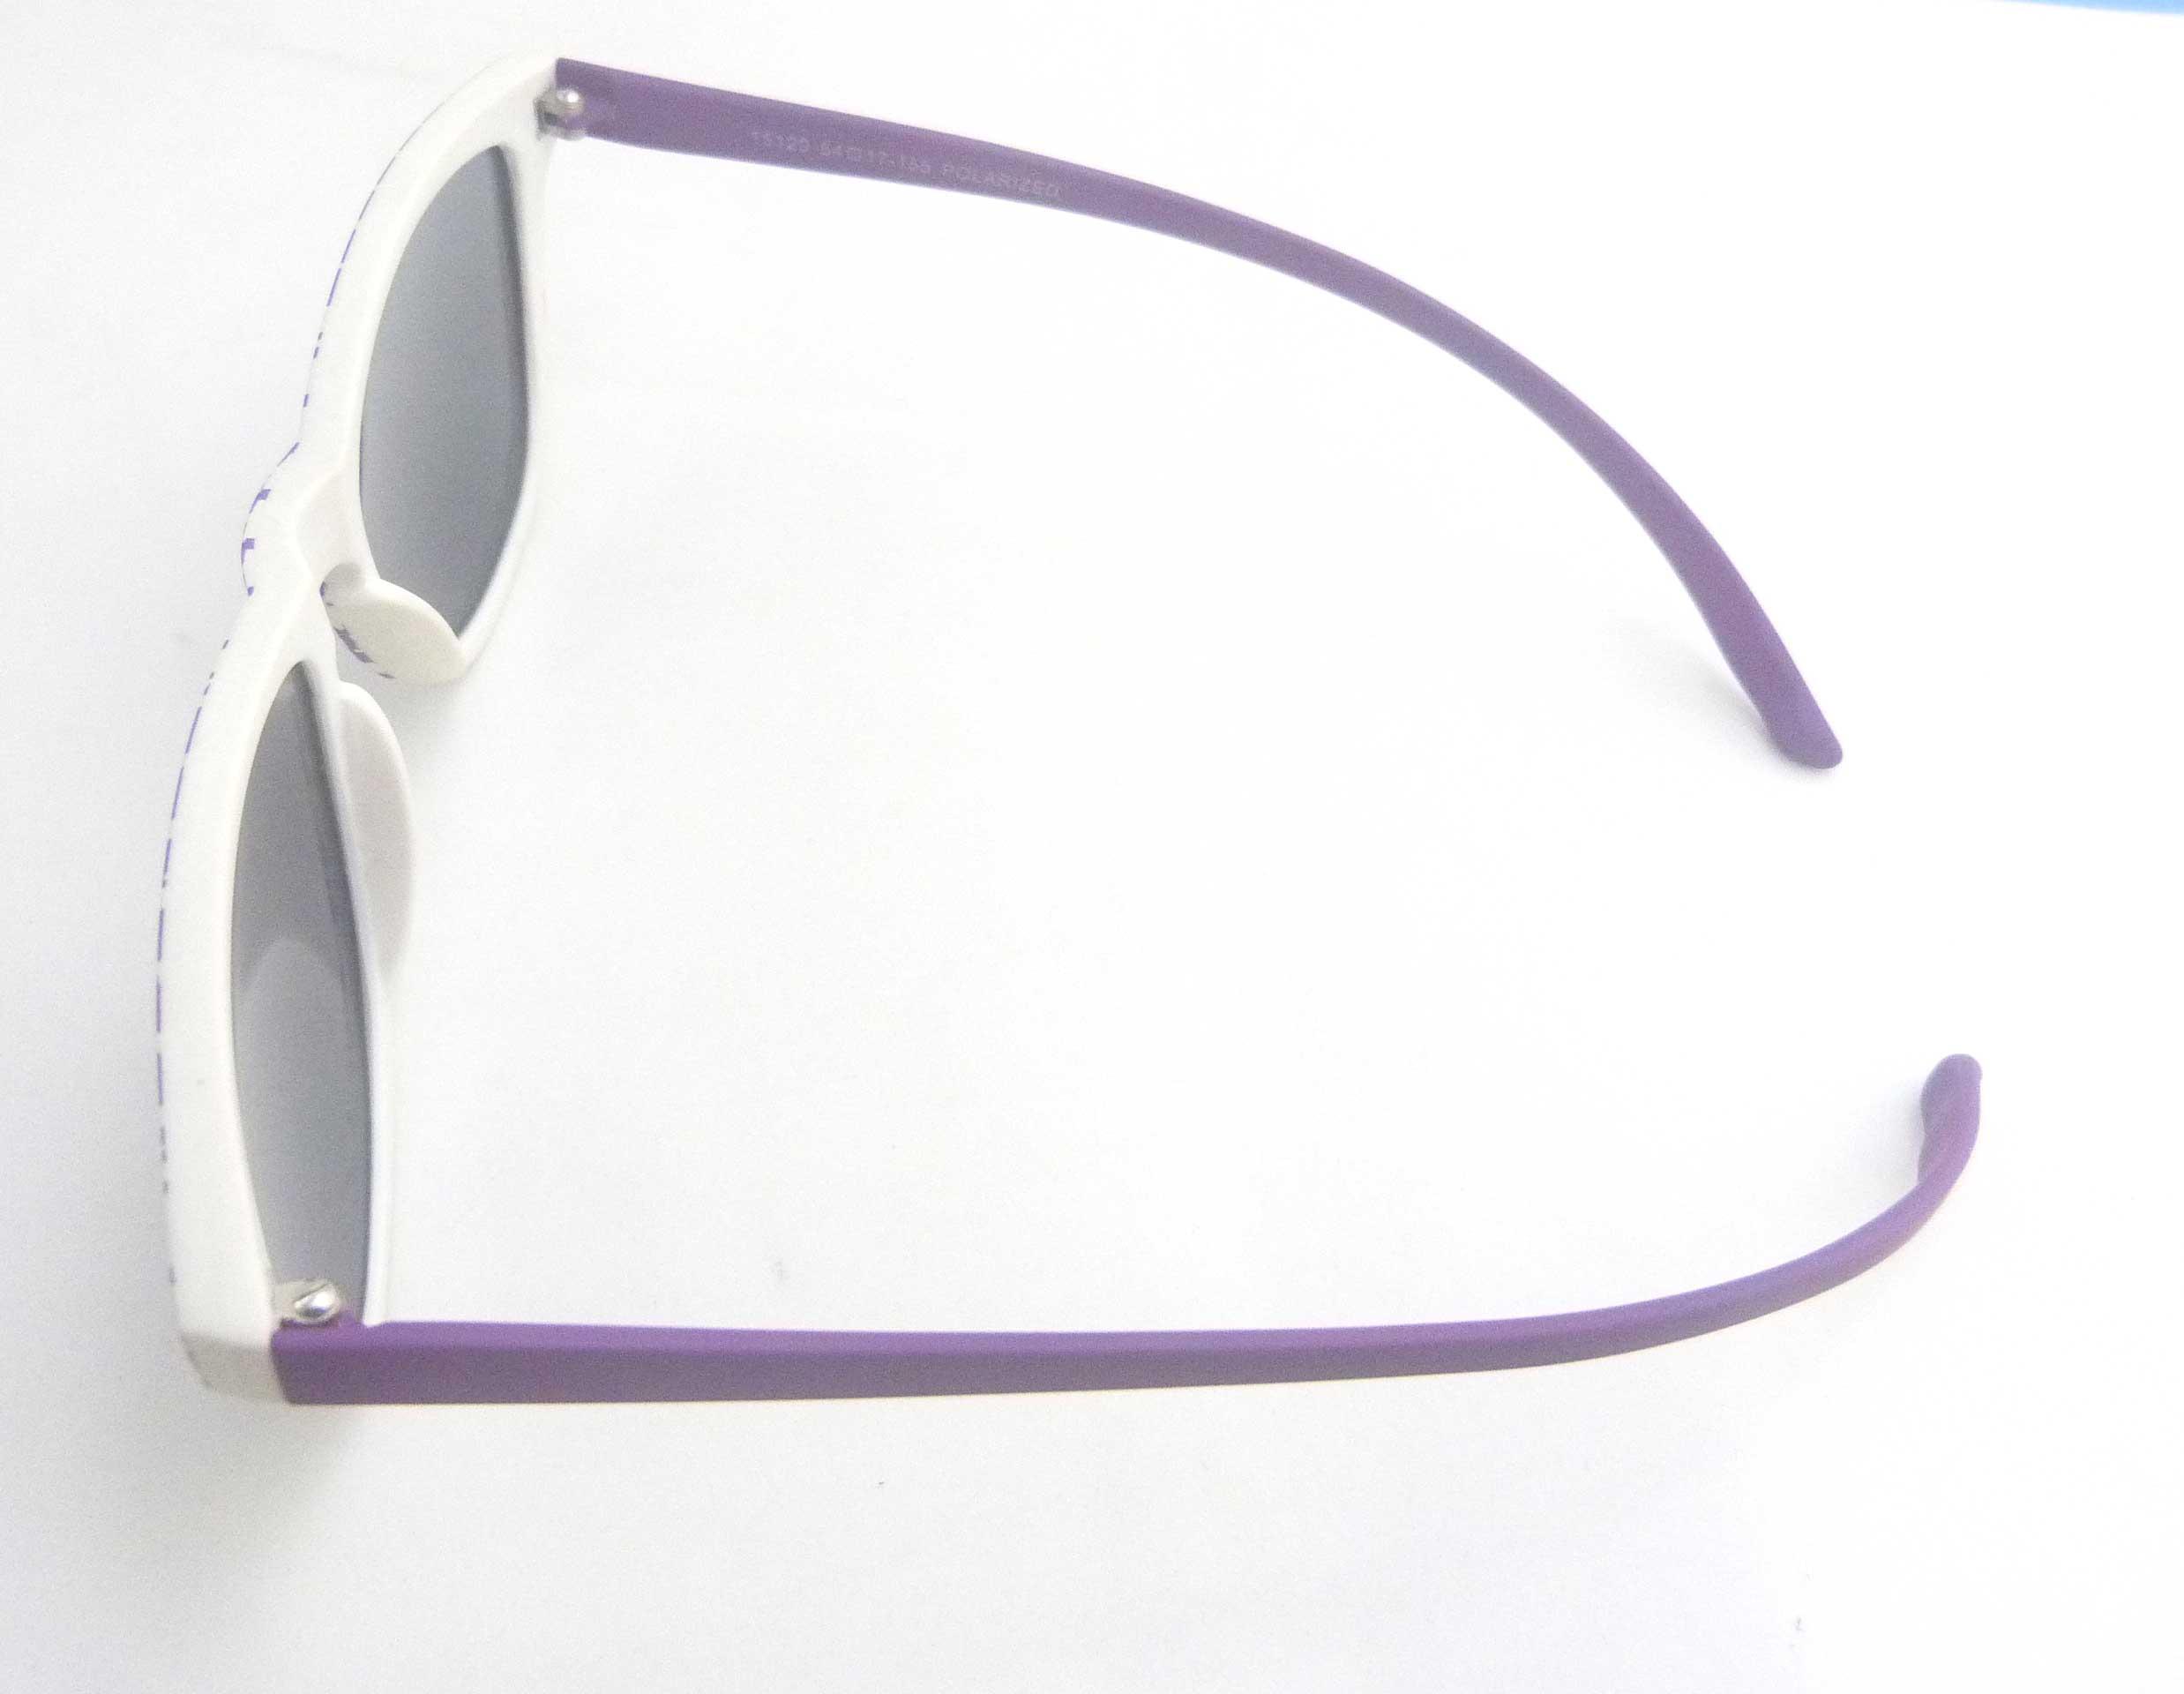 0215129 - Óculos-Solar CS Koala Xadrex 54x17 Roxo Mod 15129 FLAG 9 - Contém 1 Peça